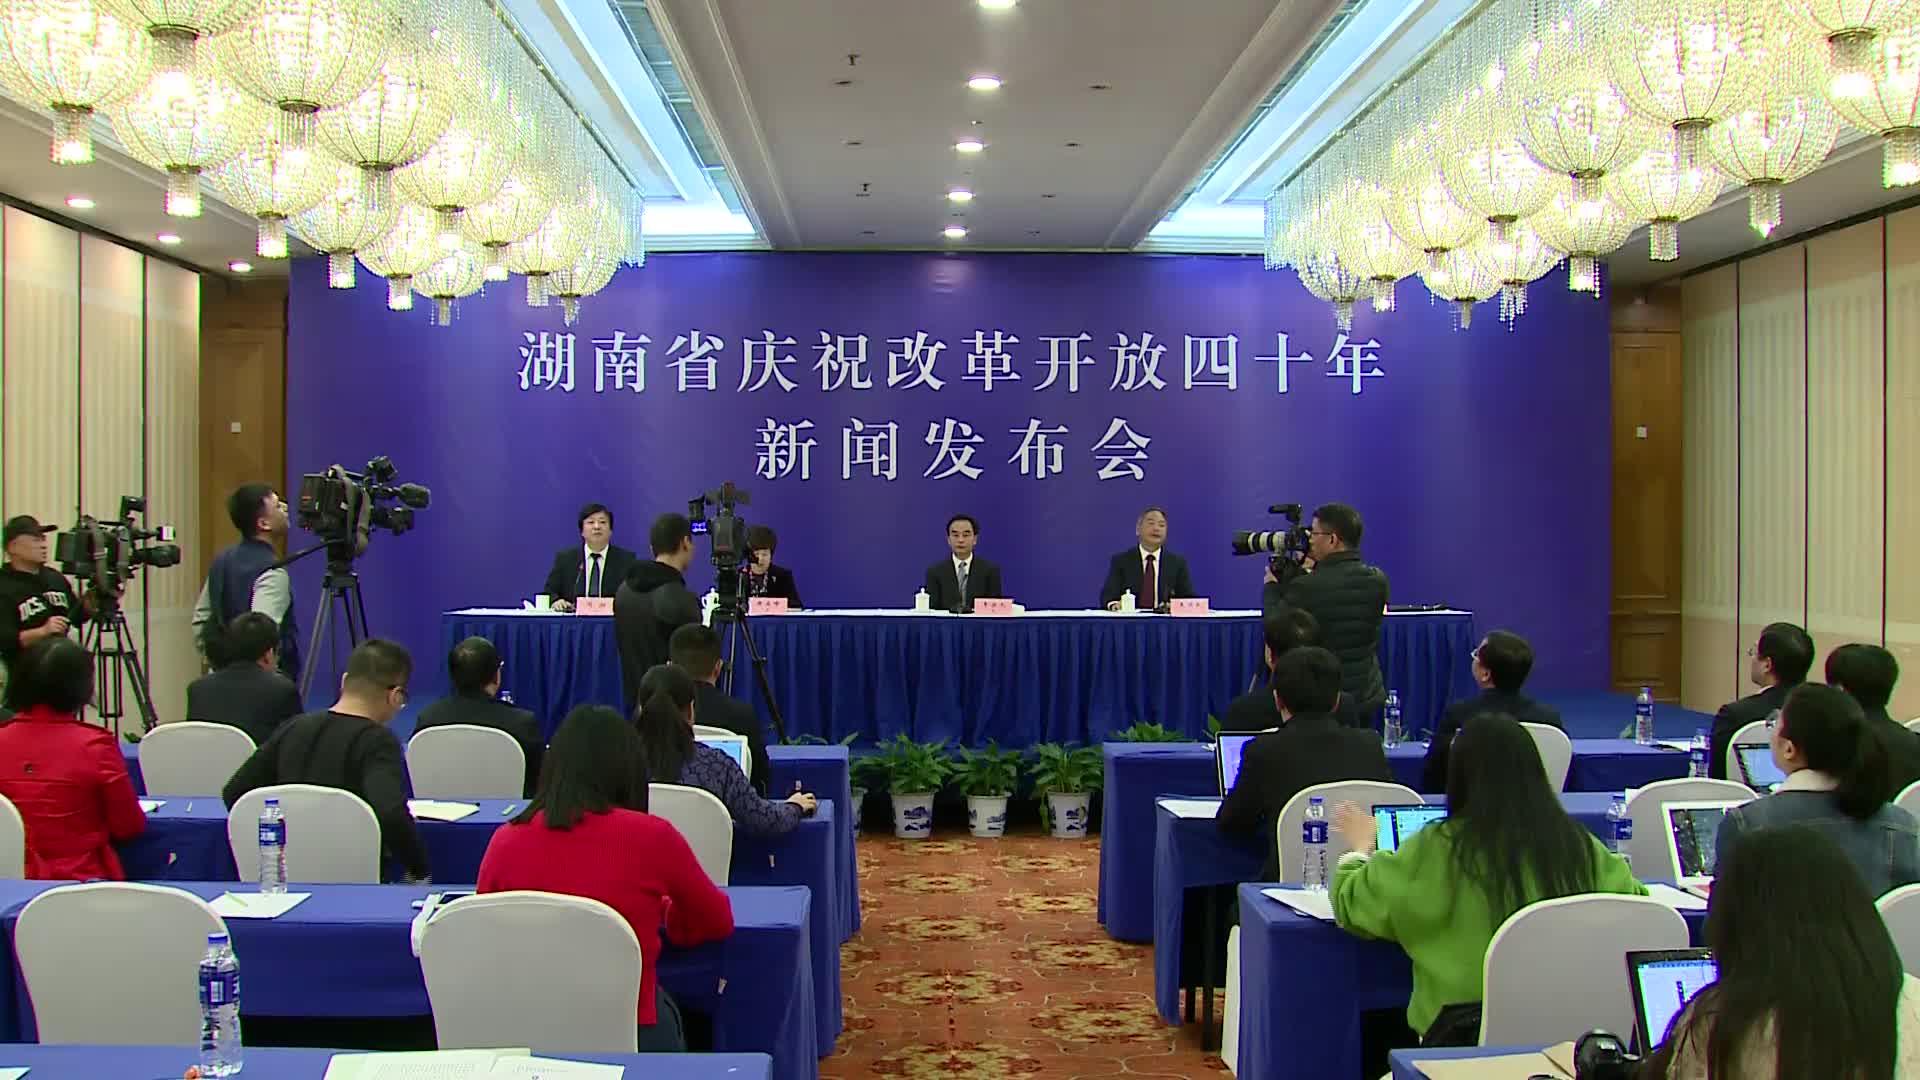 【全程回放】湖南省庆祝改革开放四十年系列新闻发布会:改革开放40年来全省党风廉政建设和反腐败工作成就